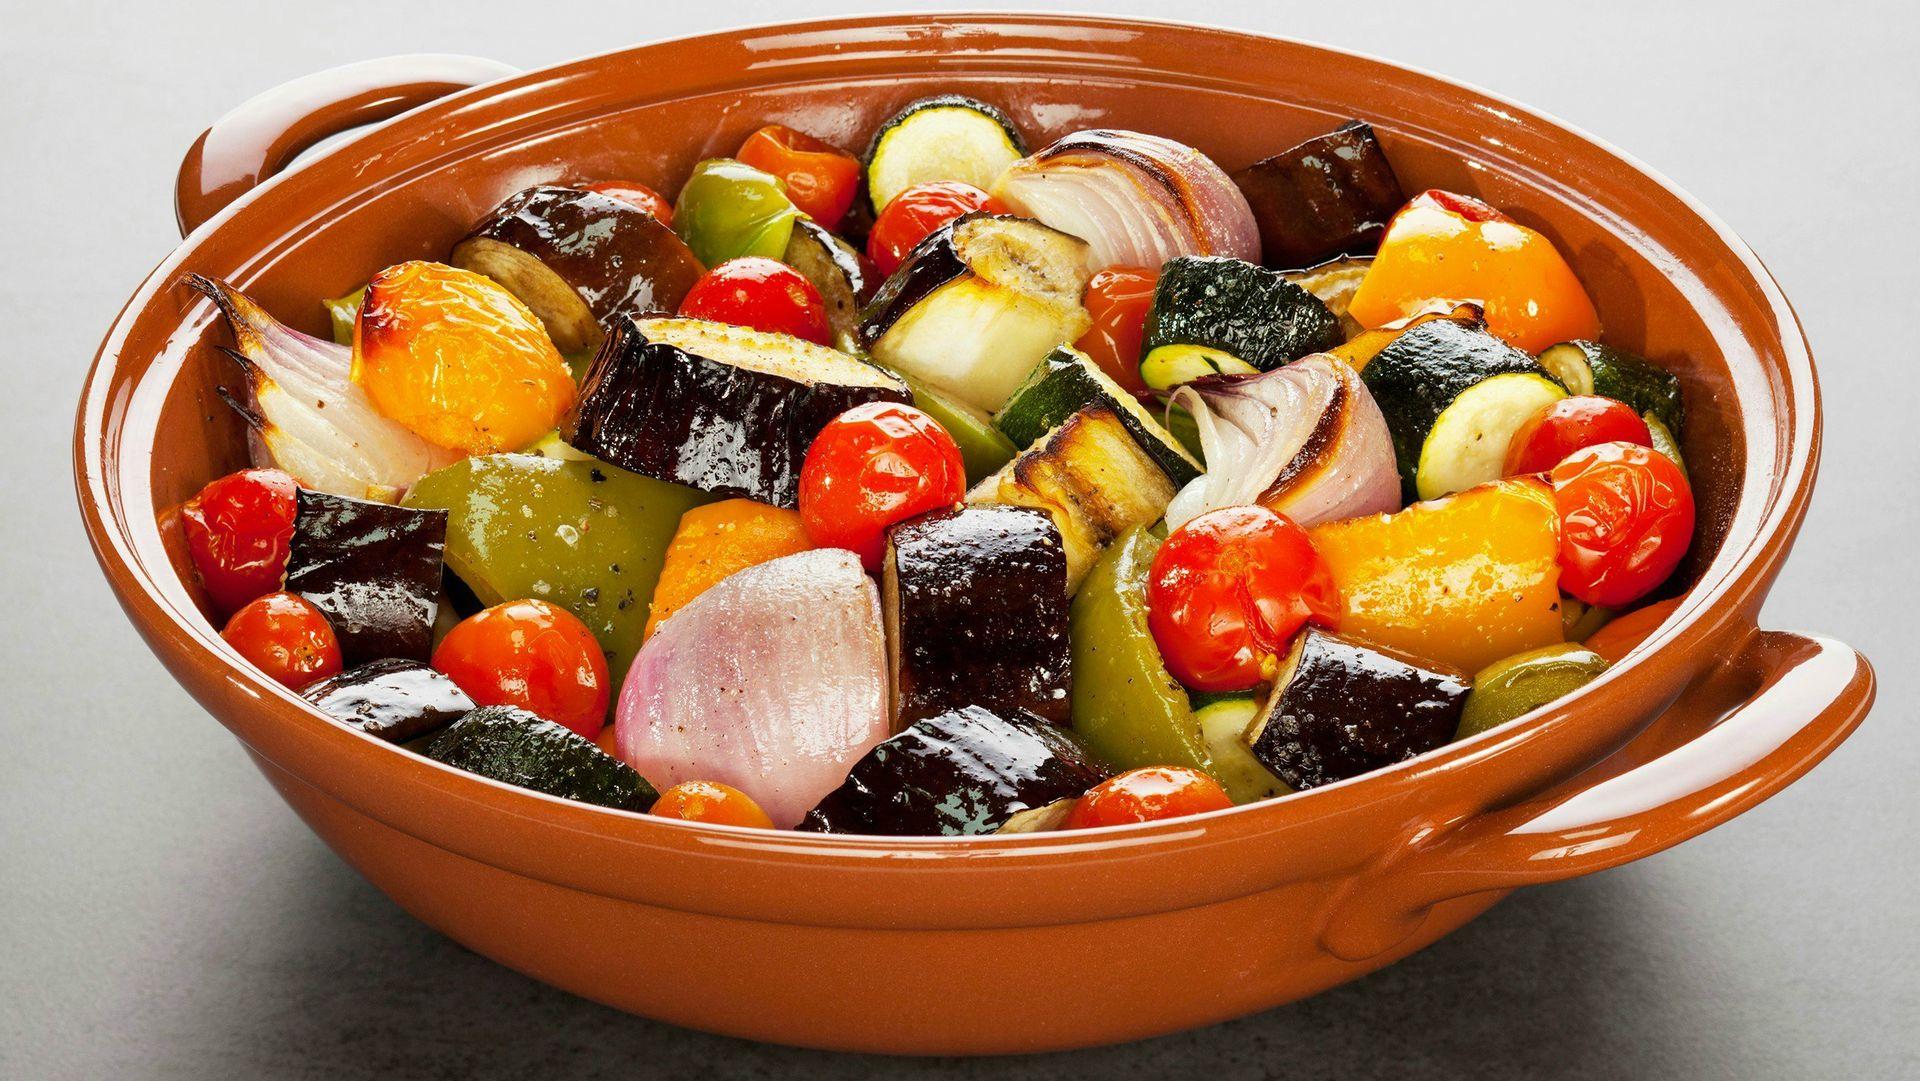 ratatouille-mediterranean-diet-today-170104-tease_45e155f863f0ec24b235741d8fb6367b-fitness